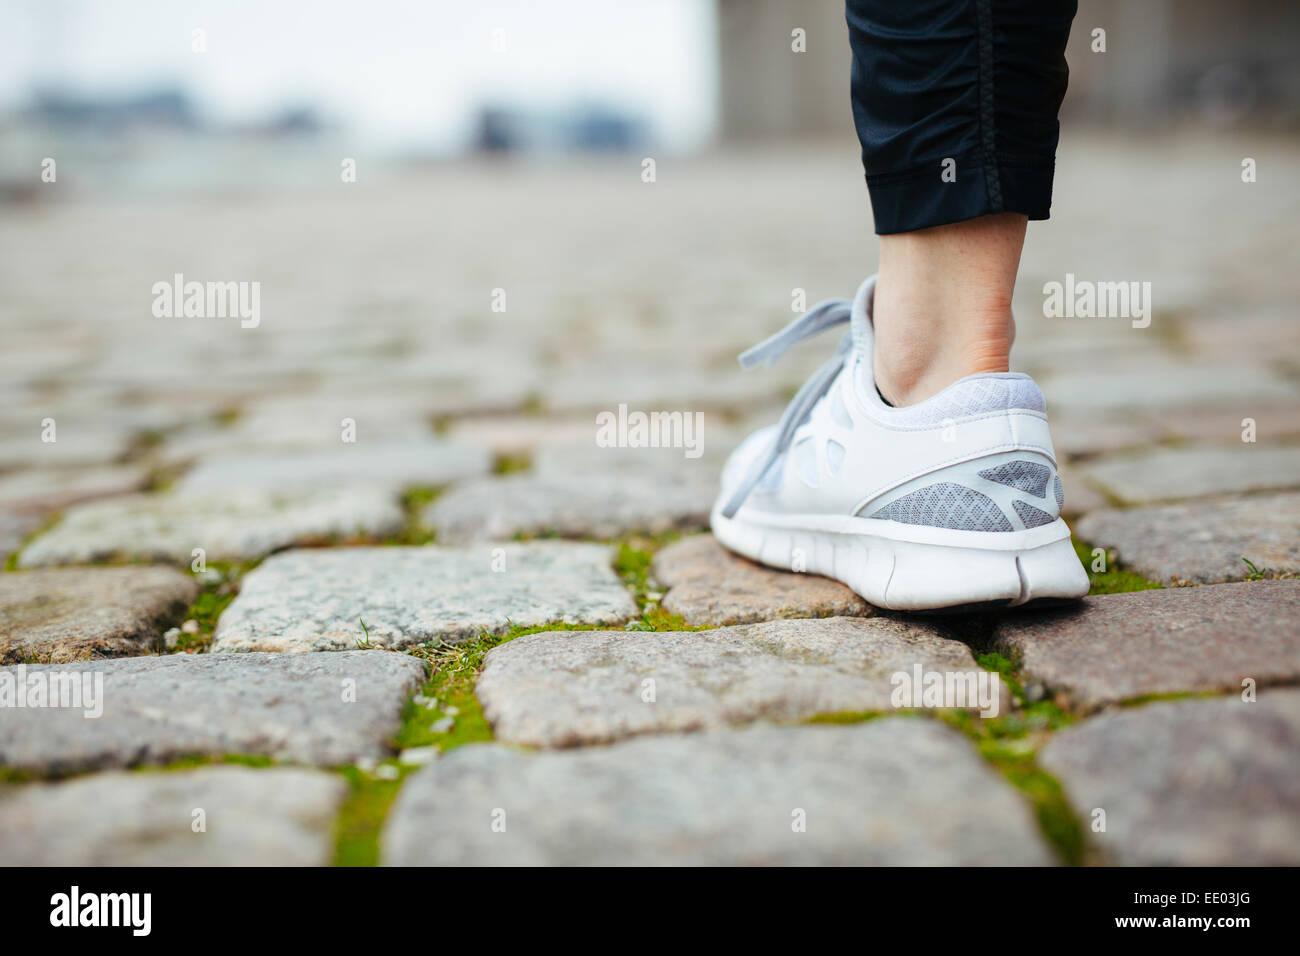 Pata del emparejador hembra caminando sobre el pavimento. Foco de zapatos. Mujer pies sobre la acera. Imagen De Stock